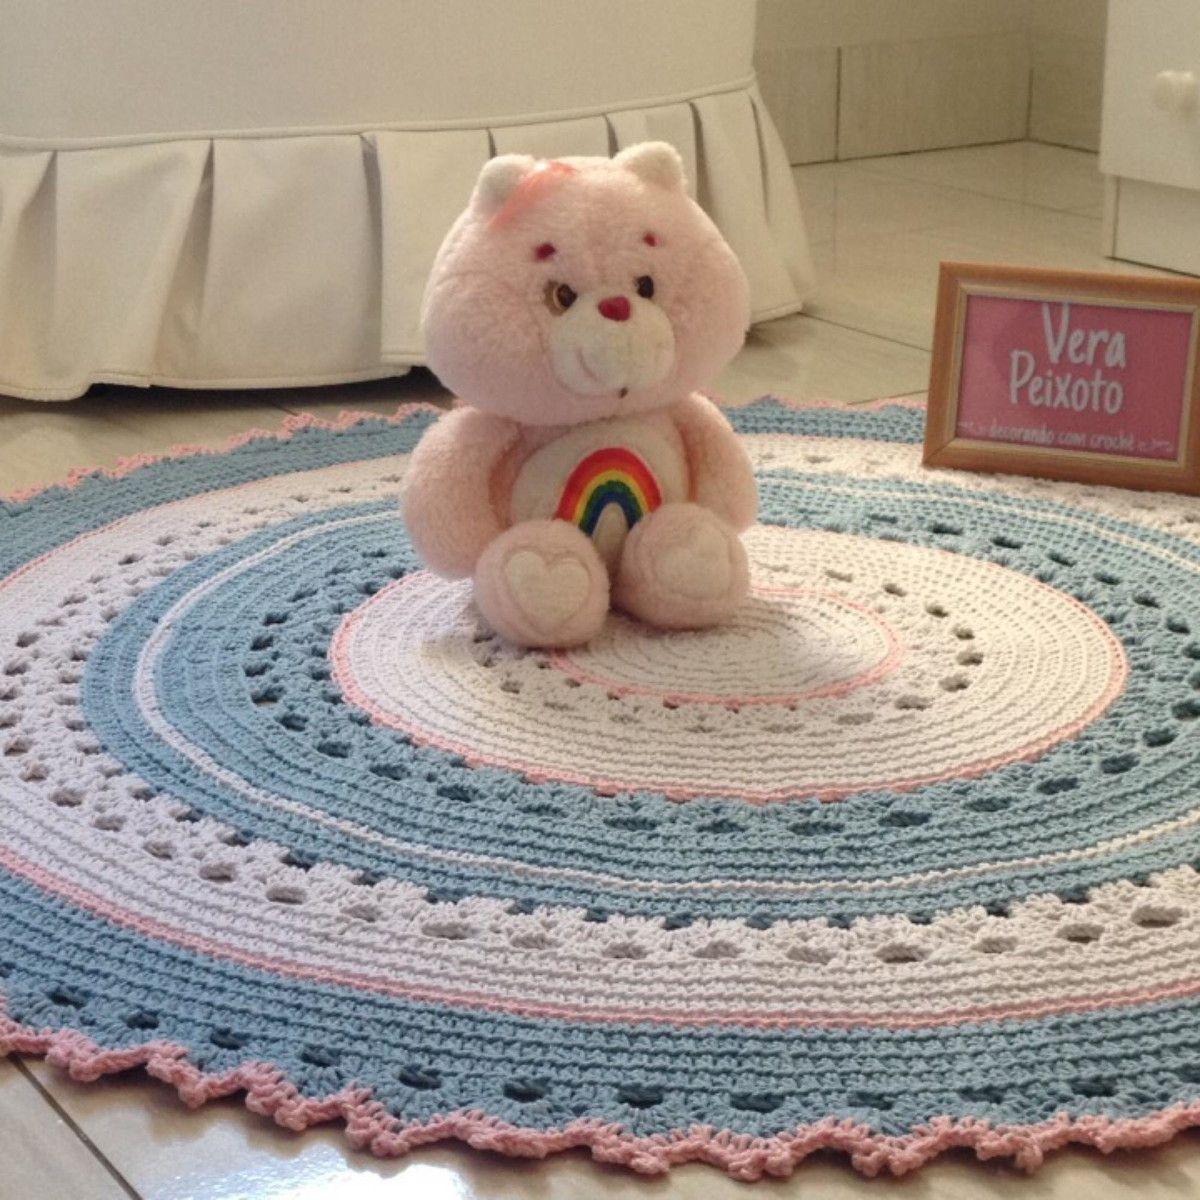 Lindo tapete barbante colorido 100% algodão, lindo para decorar quarto infantil , pode ser feito em outras cores (3 cores), de acordo com seu gosto ou a decoração do quarto. Pode ser feito em outras dimensões tb. Em caso do pedido em outras cores confirmar se tem as cores em estoque.